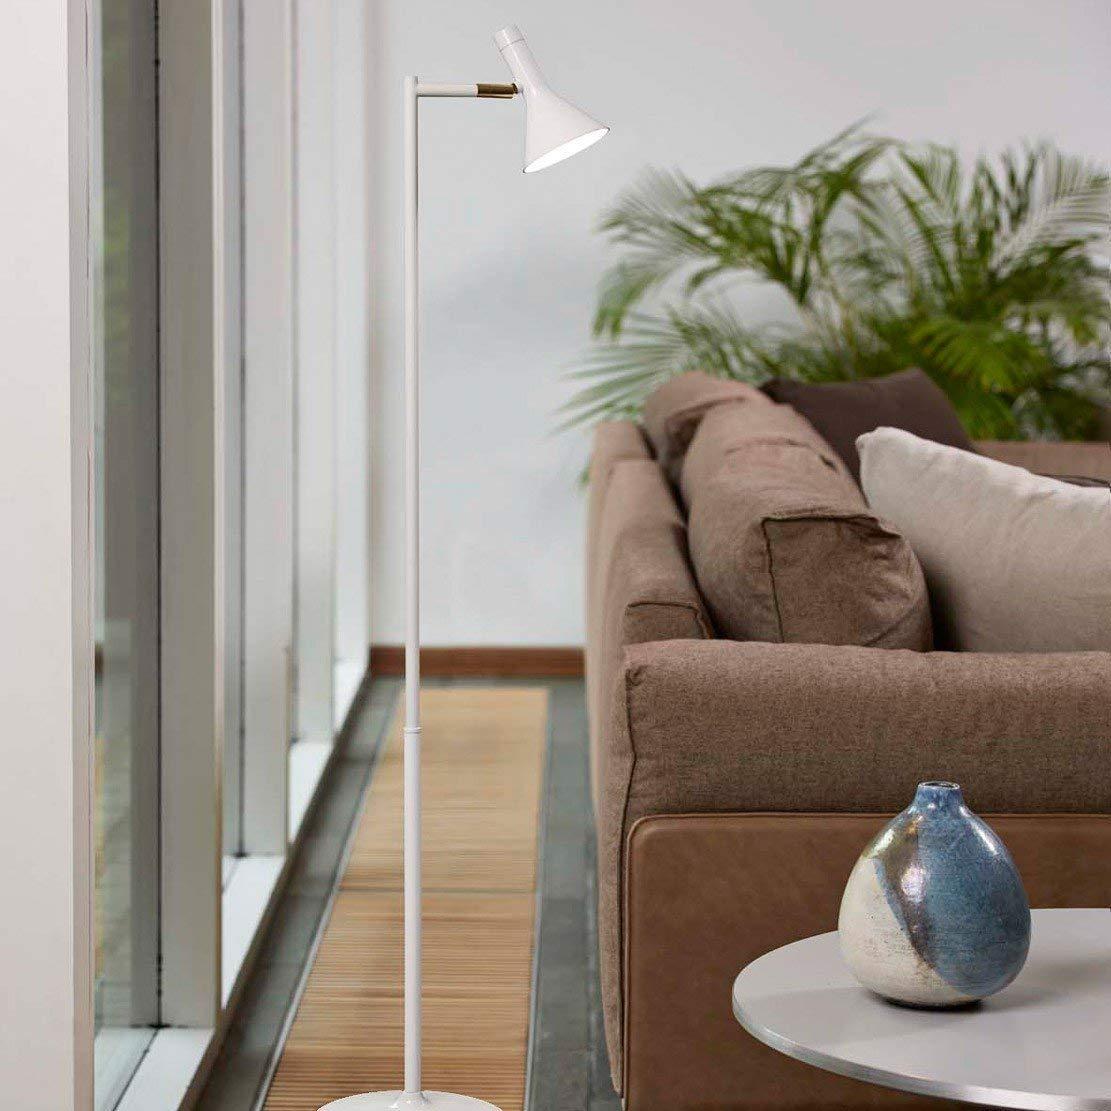 Stehlampe Test - die weiße Stehlampe fürs Lesen im Interieur